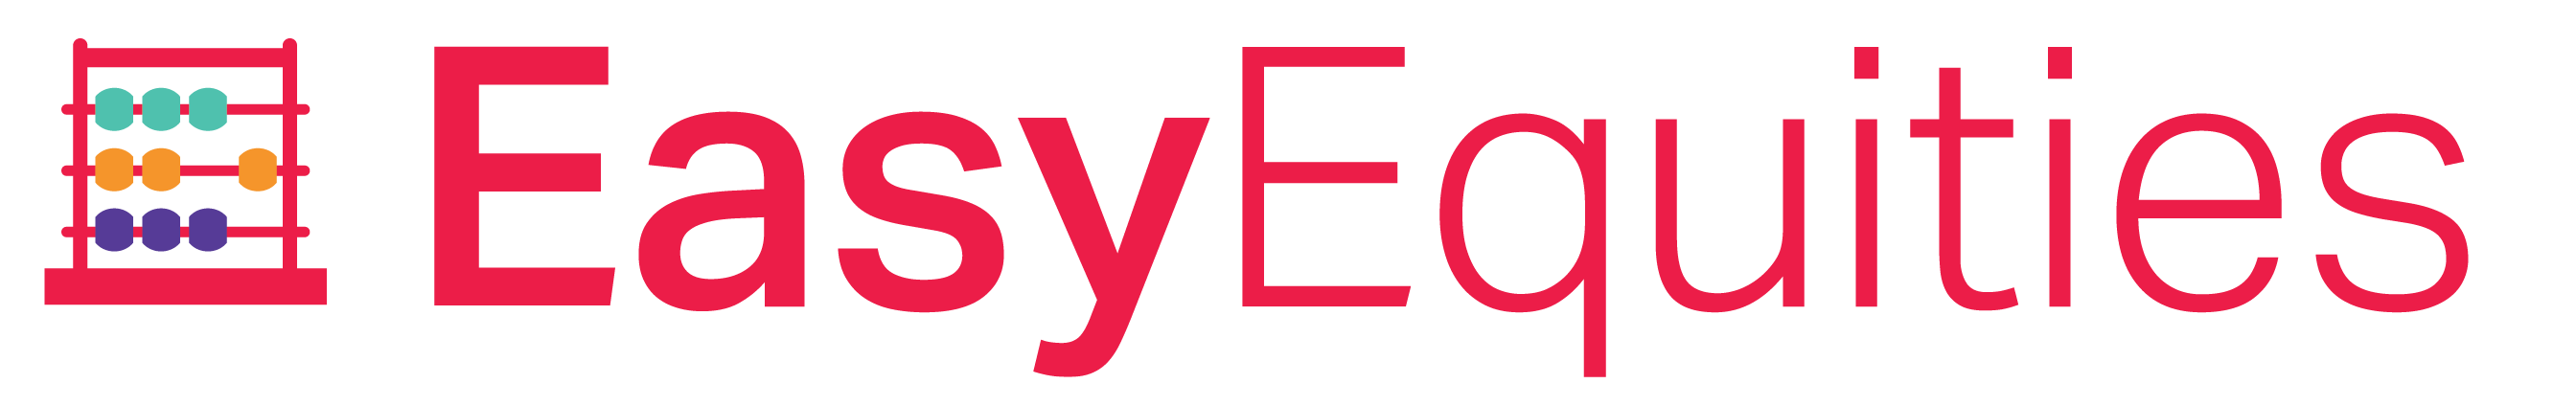 Isoflow-logo-EasyEquities-01a-16